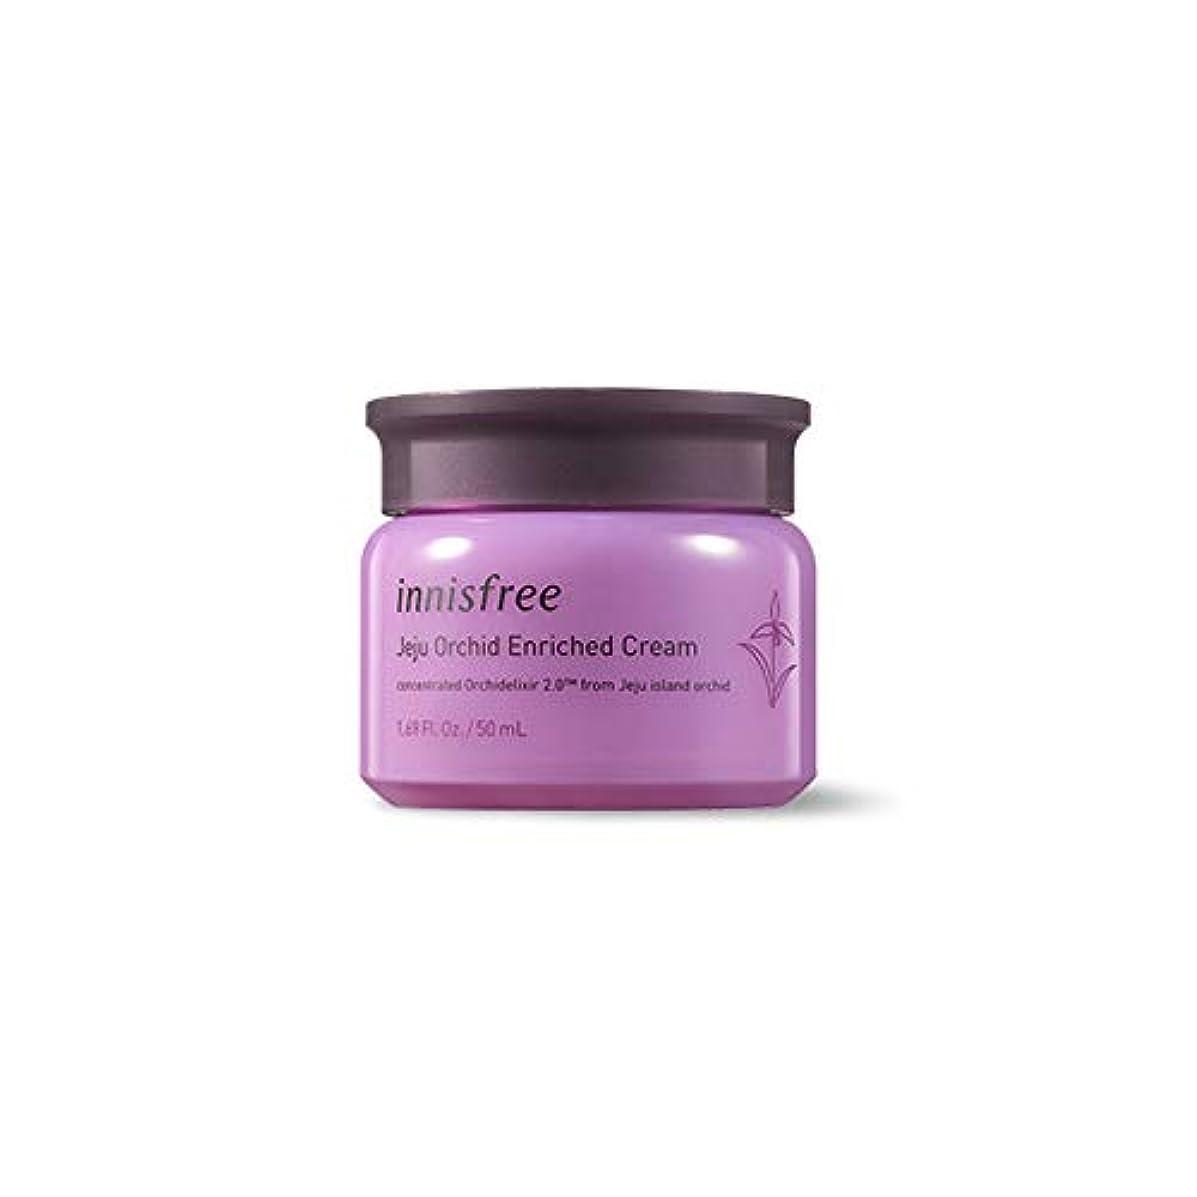 電卓トムオードリースコミットイニスフリー Innisfree 済州寒蘭エンリッチッド クリーム(50ml) Innisfree Orchid Enriched Cream(50ml) [海外直送品]